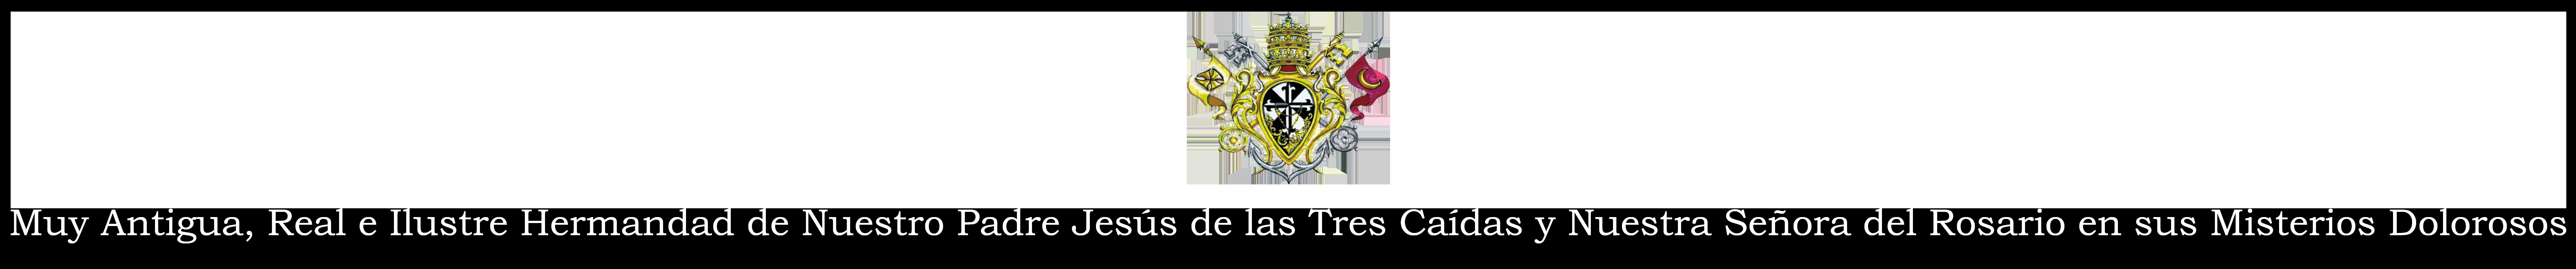 Hermandad de Rosario y Tres Caídas